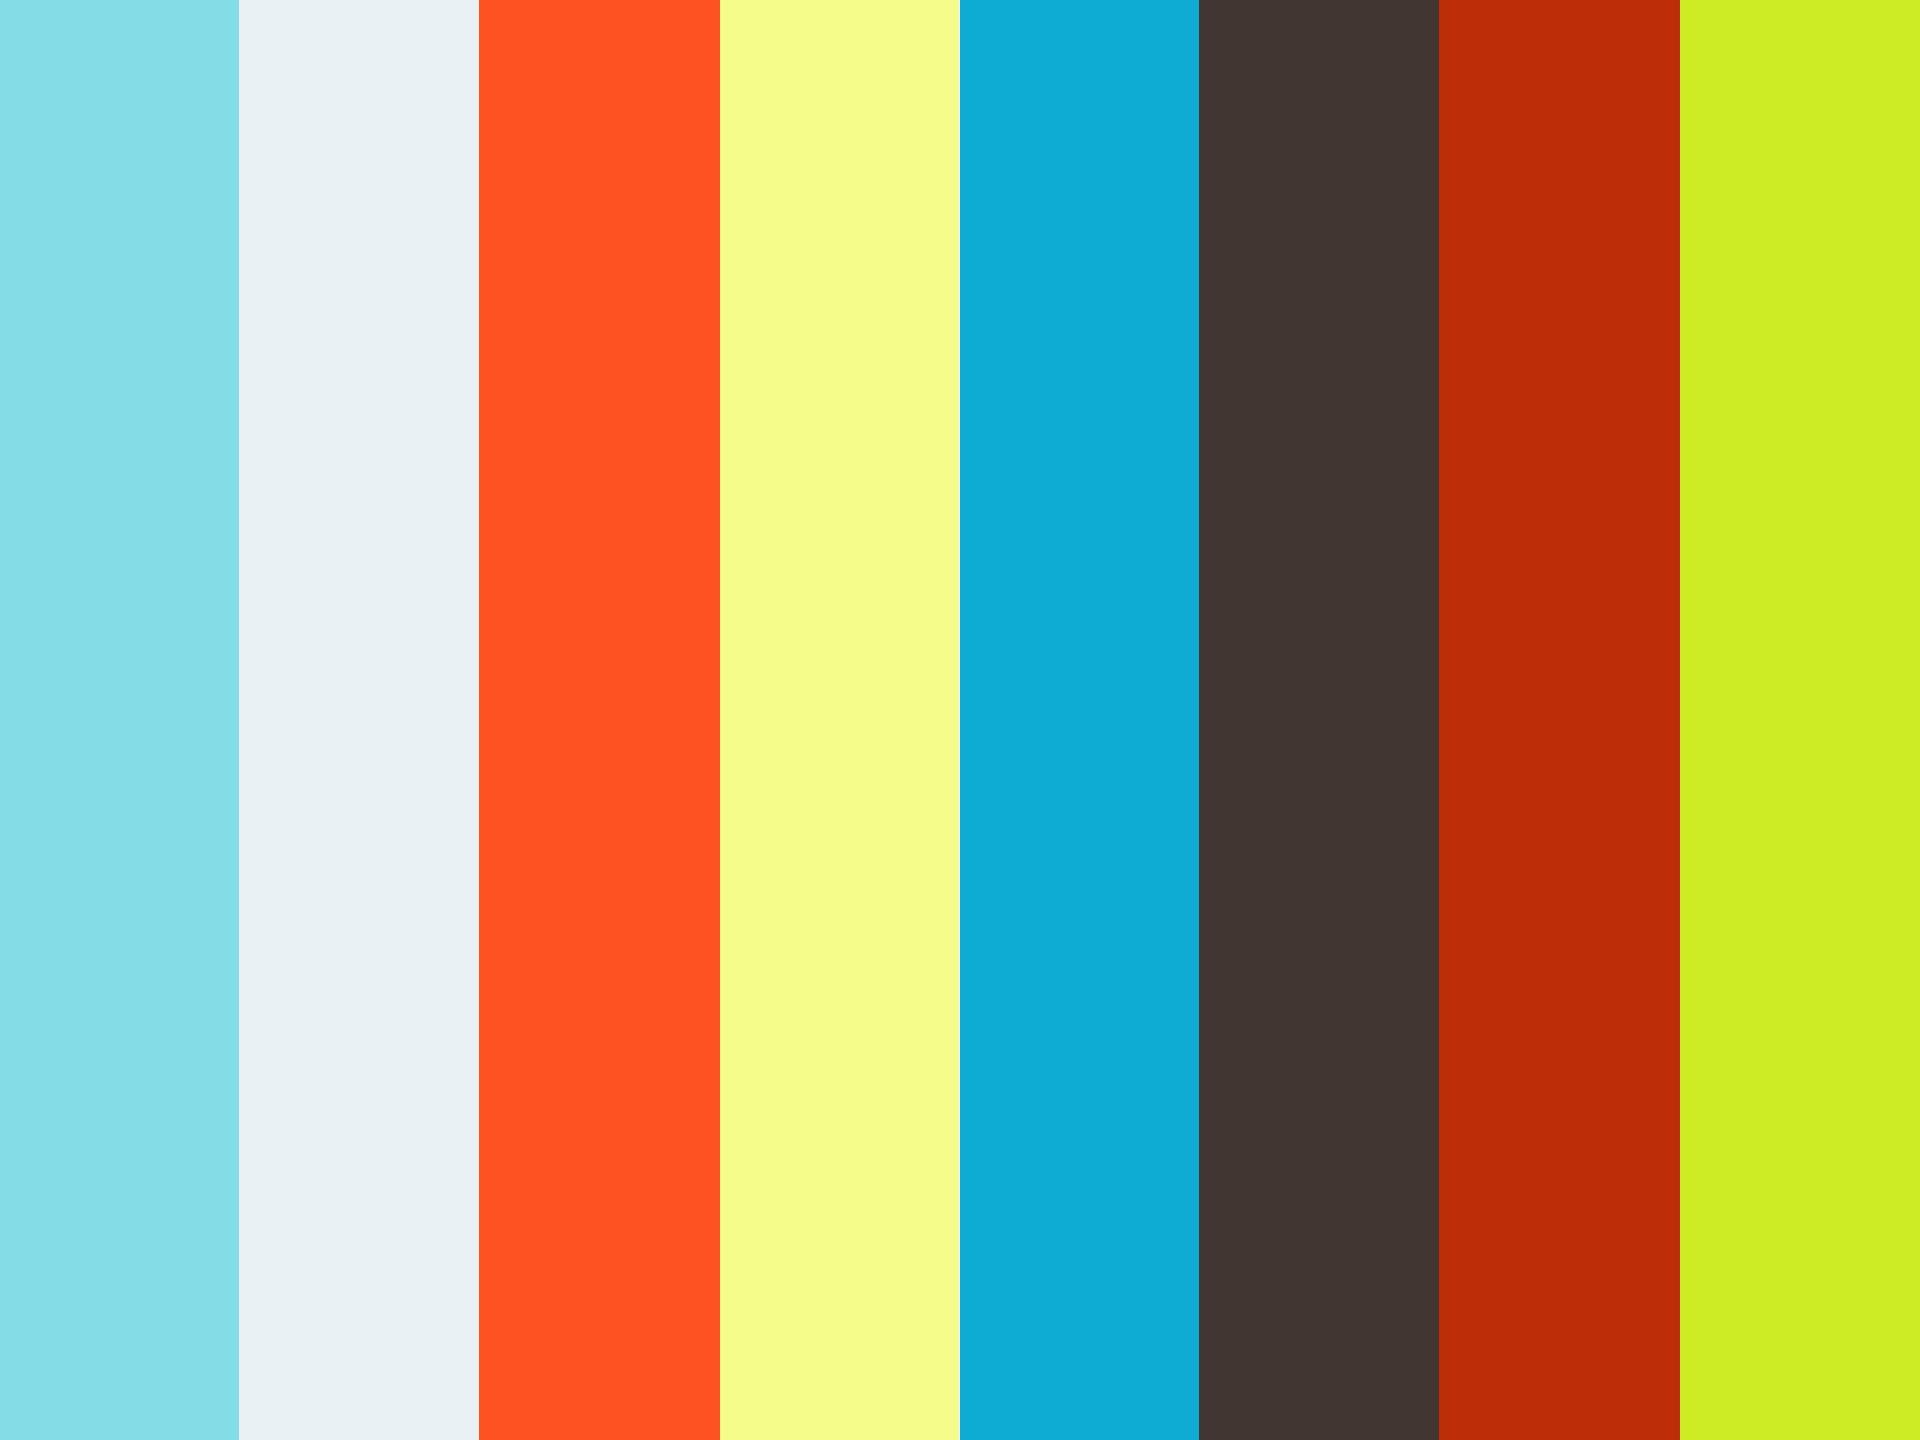 EF Line. スタッフ 実践セミナー #7 まとめ